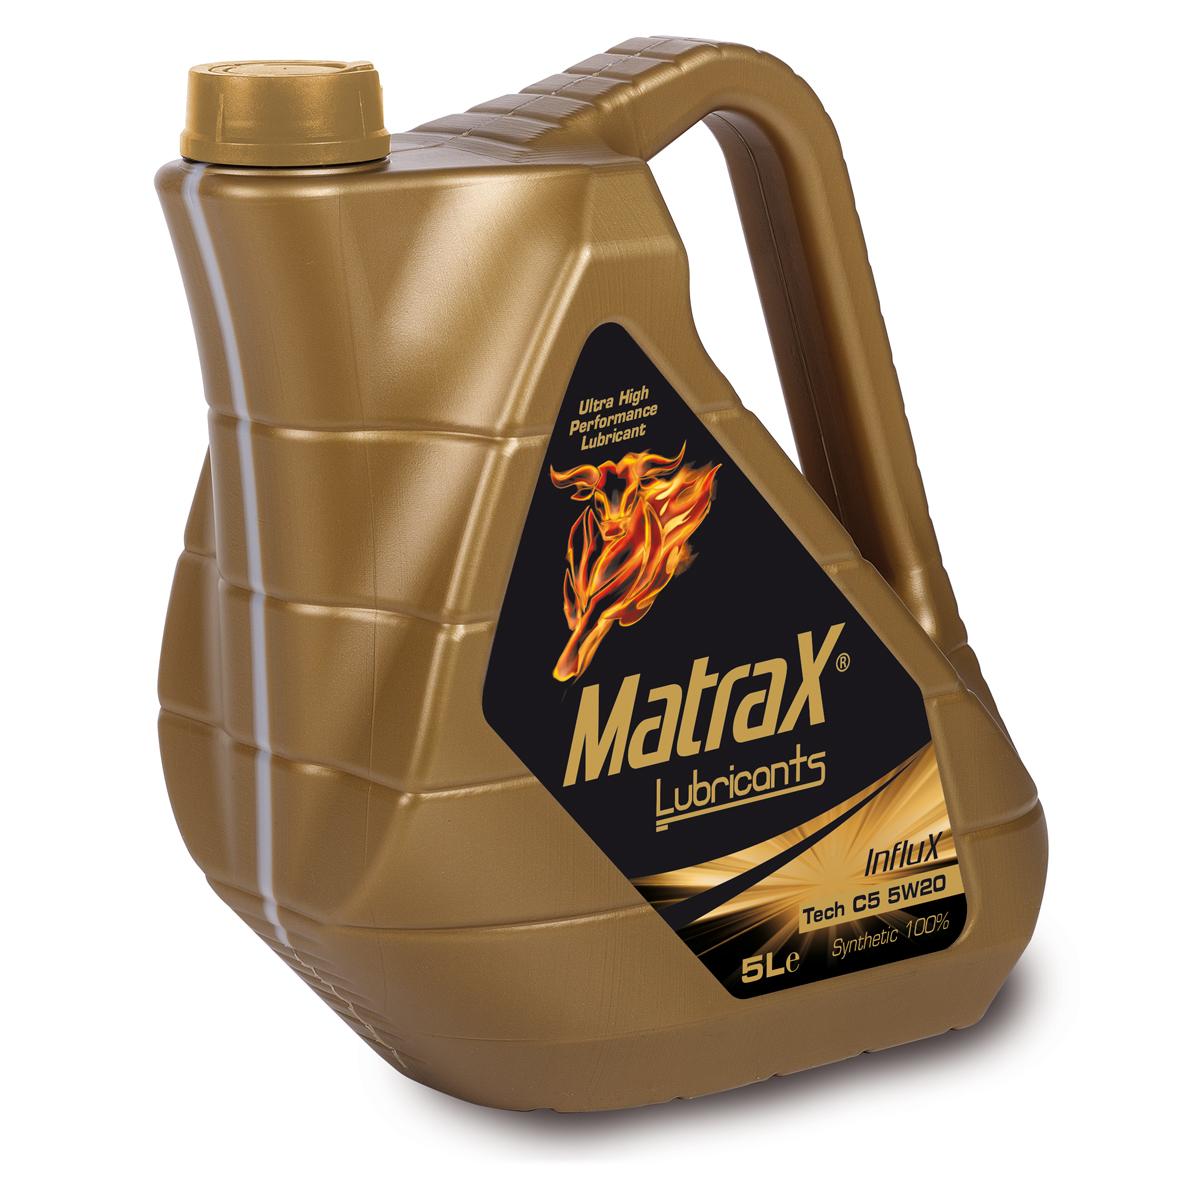 matrax-lubricants-influx-Tech-C5-5w20-5l